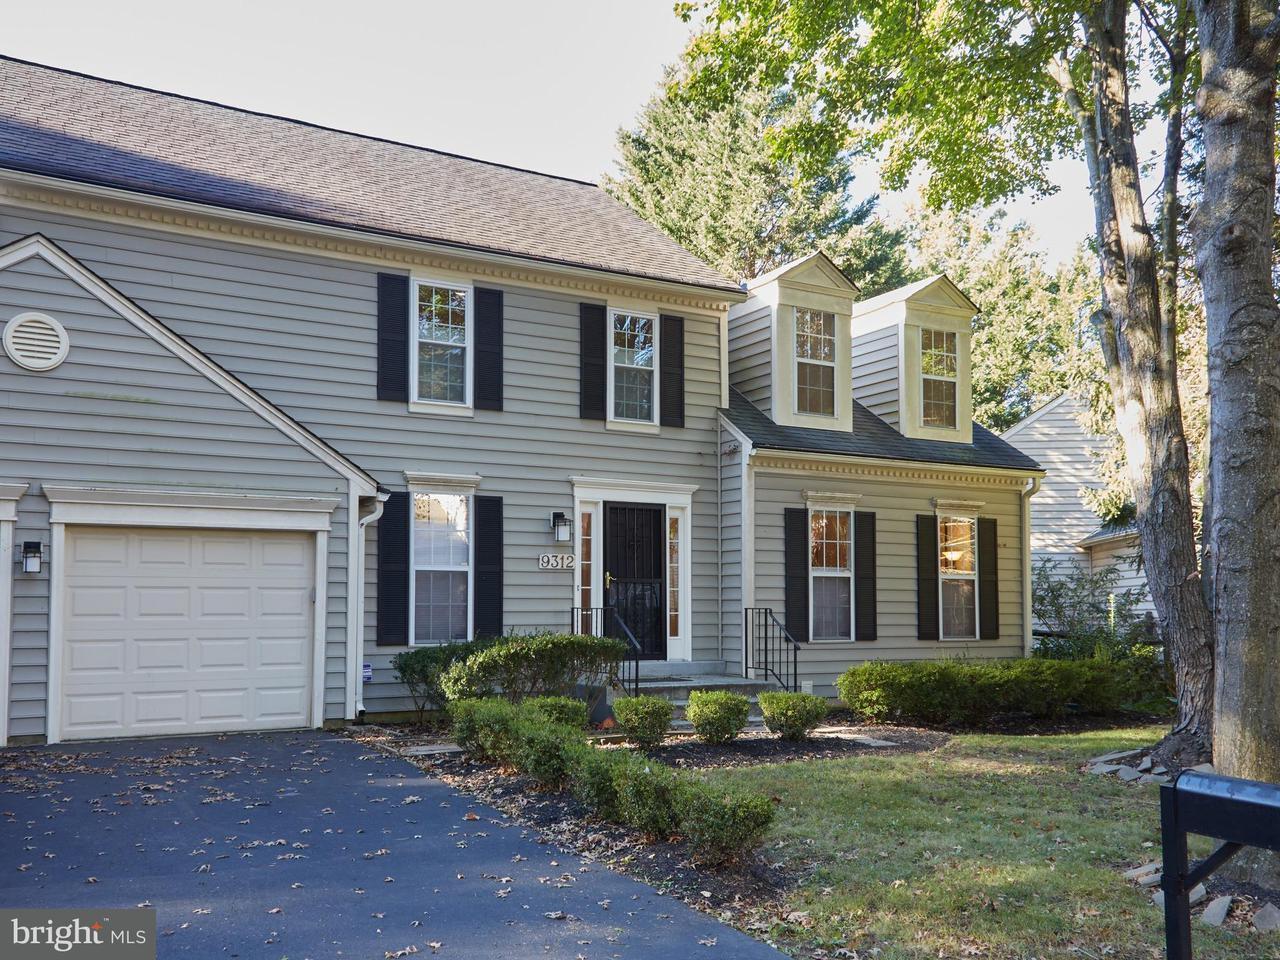 独户住宅 为 销售 在 9312 VINEYARD HAVEN Drive 9312 VINEYARD HAVEN Drive Montgomery Village, 马里兰州 20886 美国